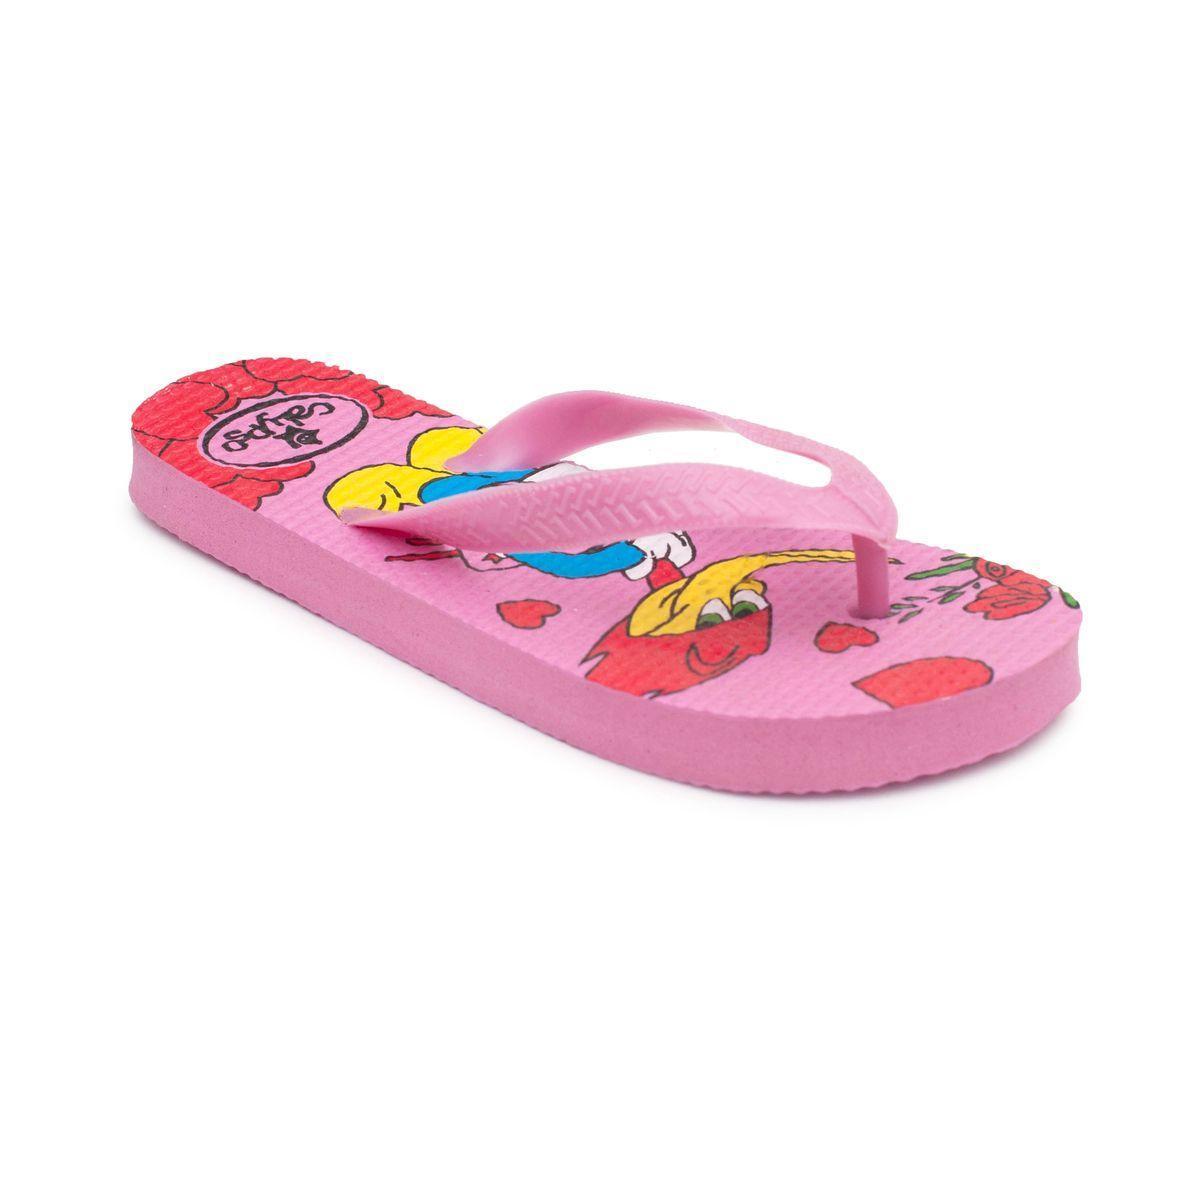 Вьетнамки детские Calypso 0024001 размер 32